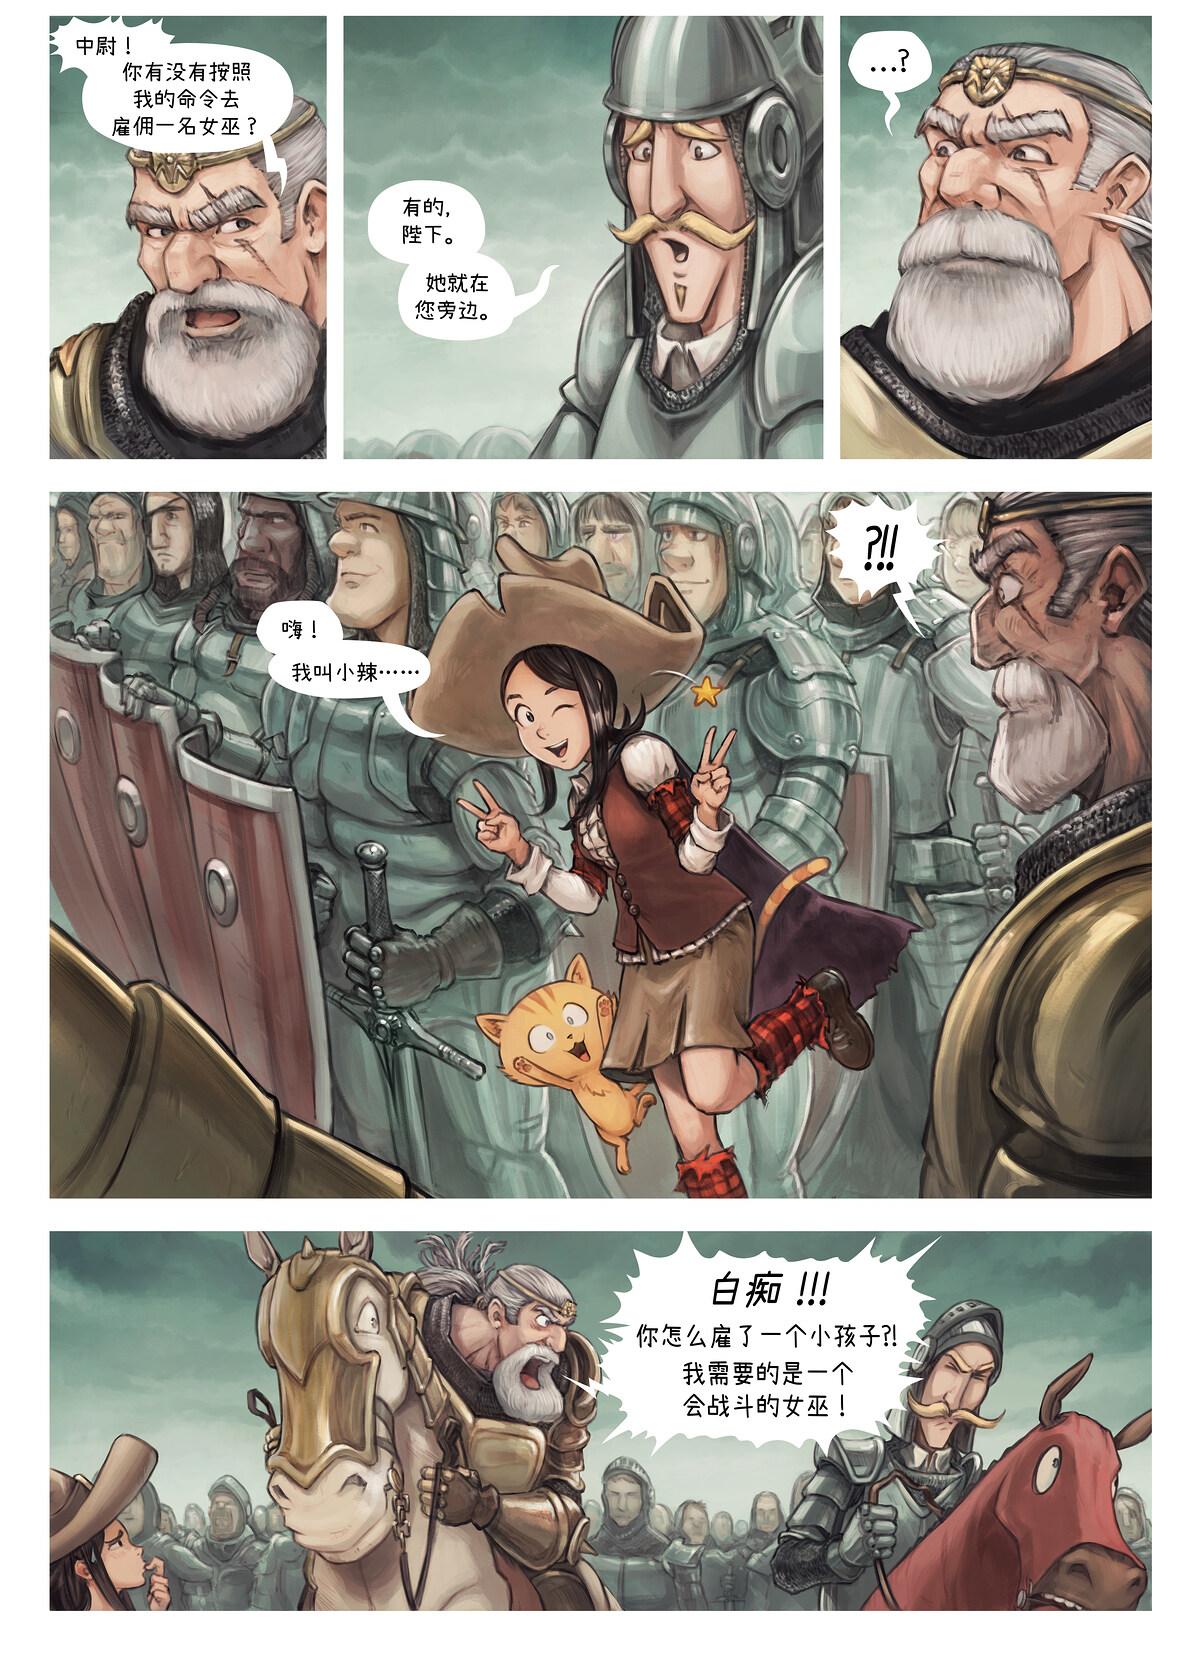 第32集:战场, Page 2